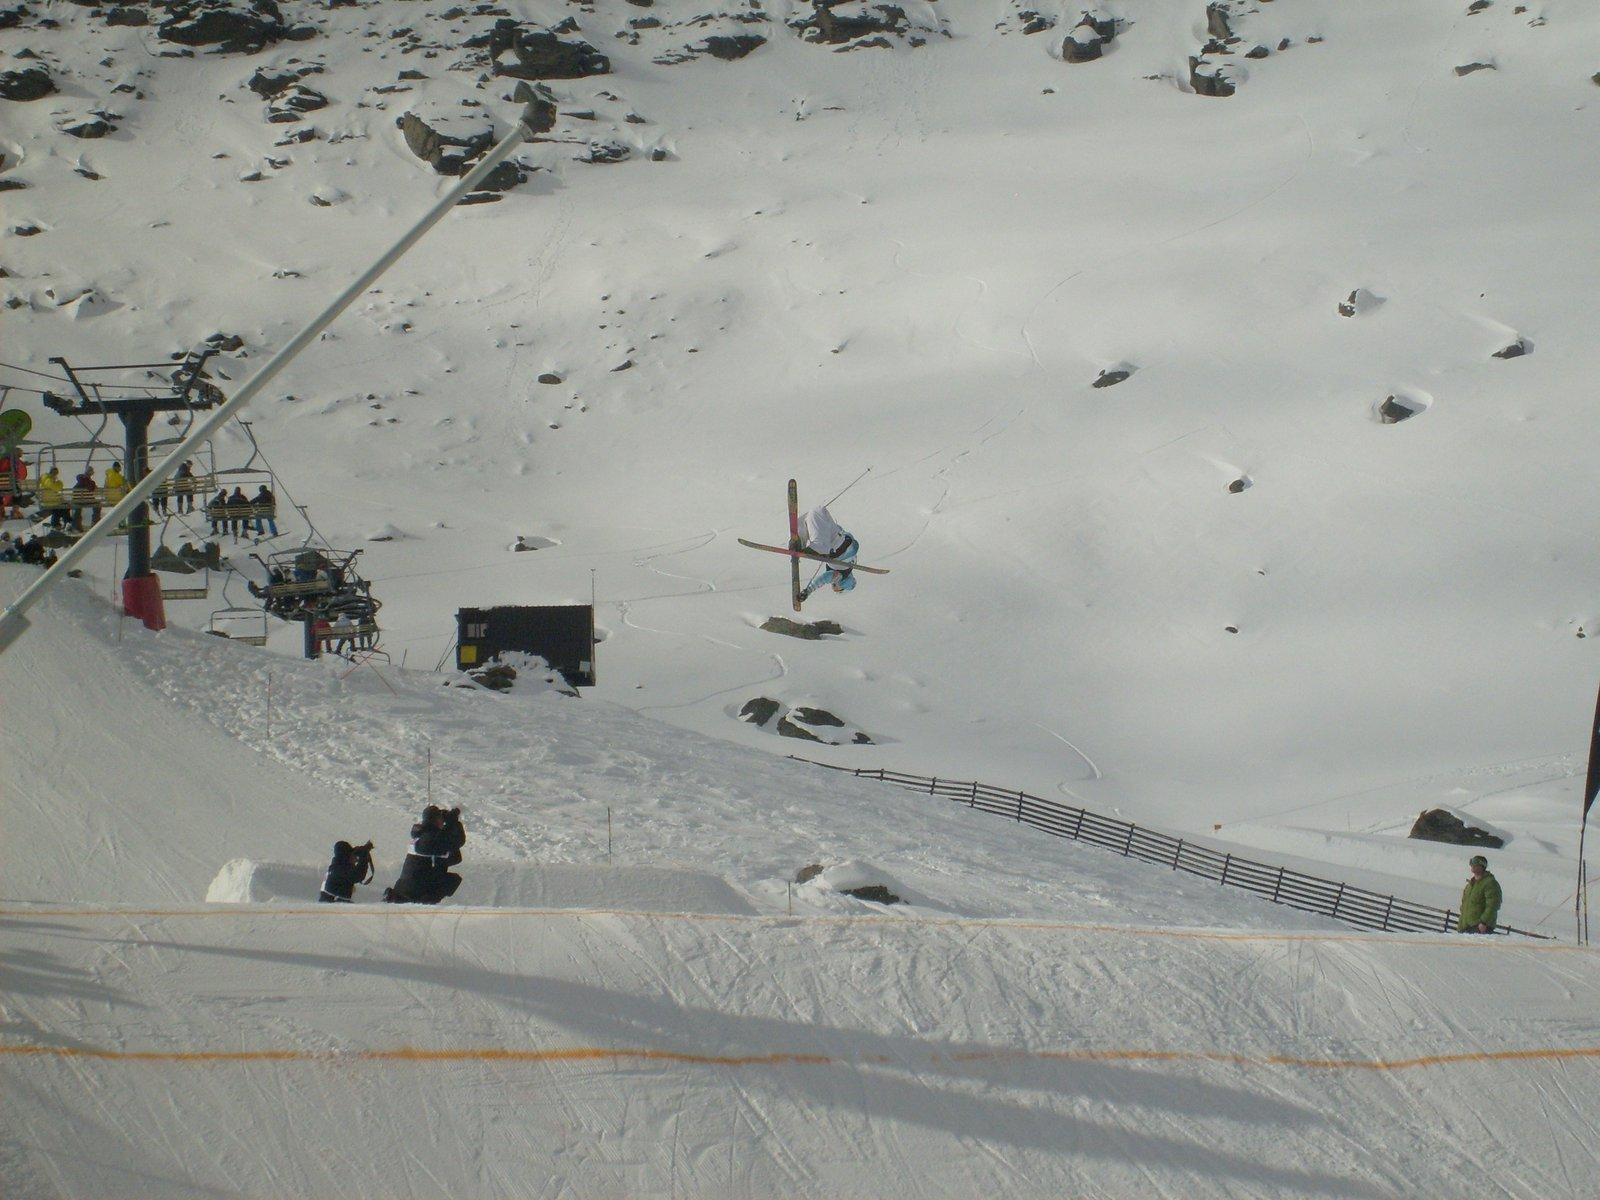 NZ winter games